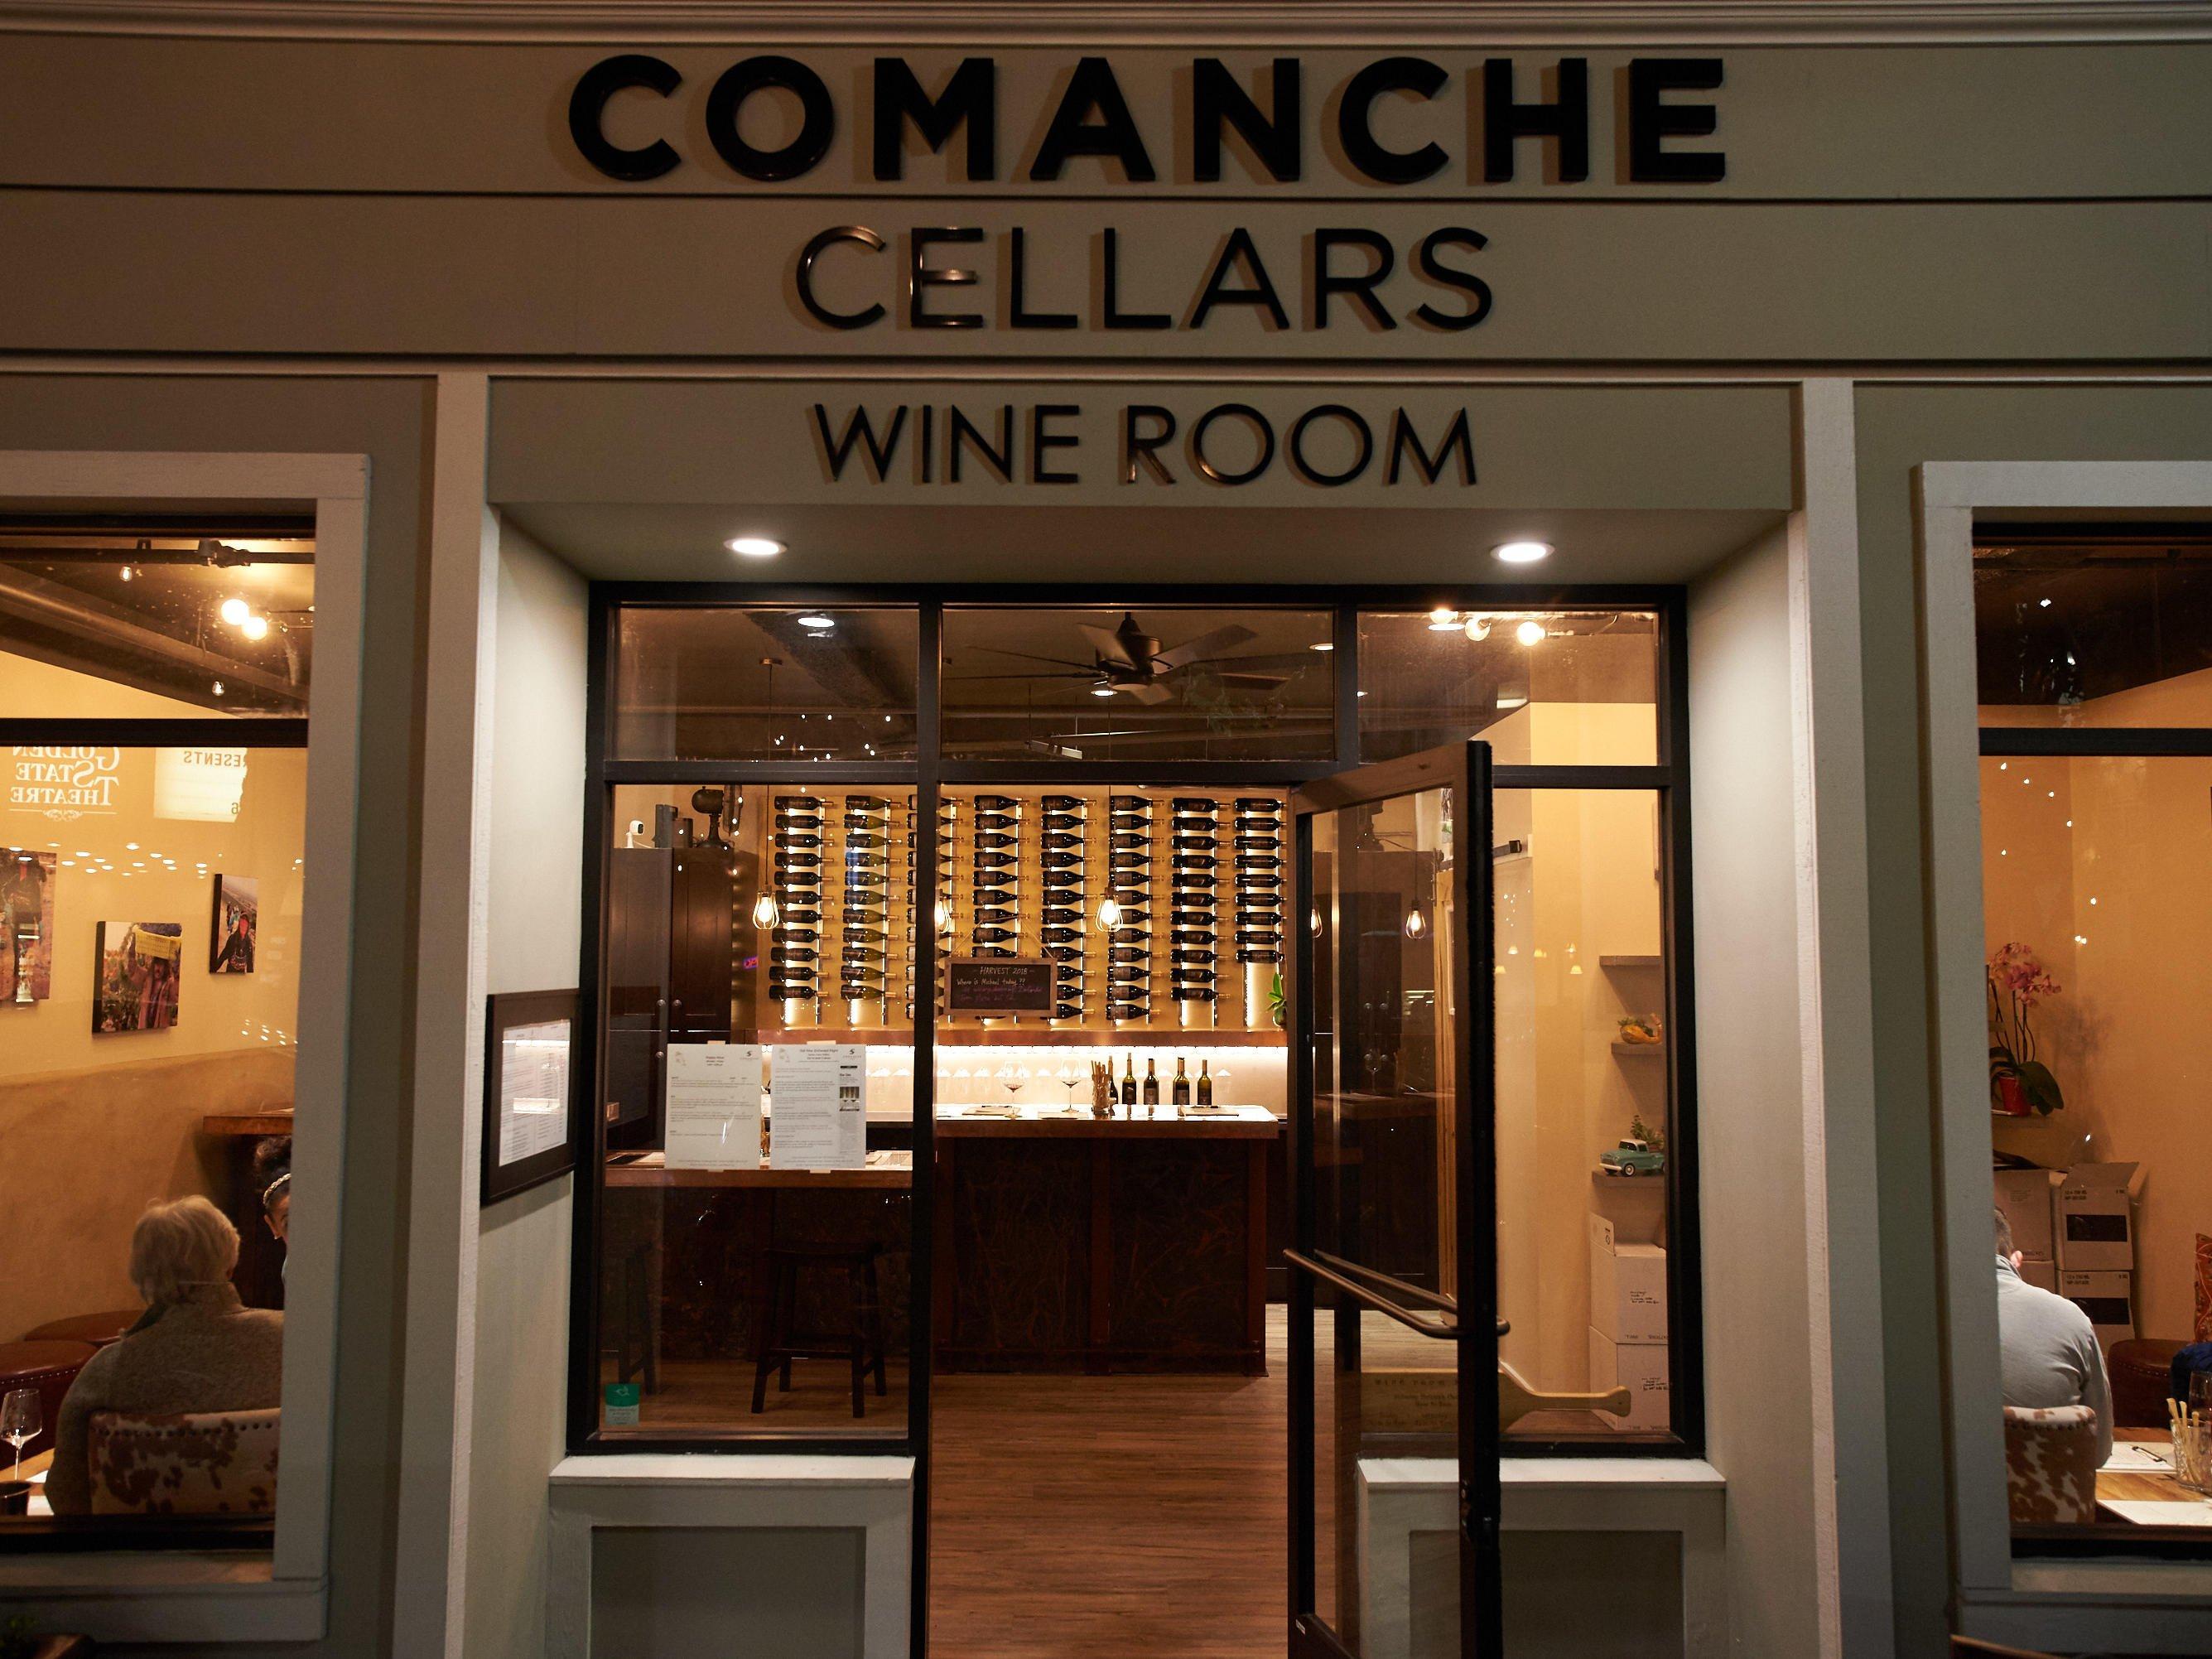 Comanche Cellars wine room